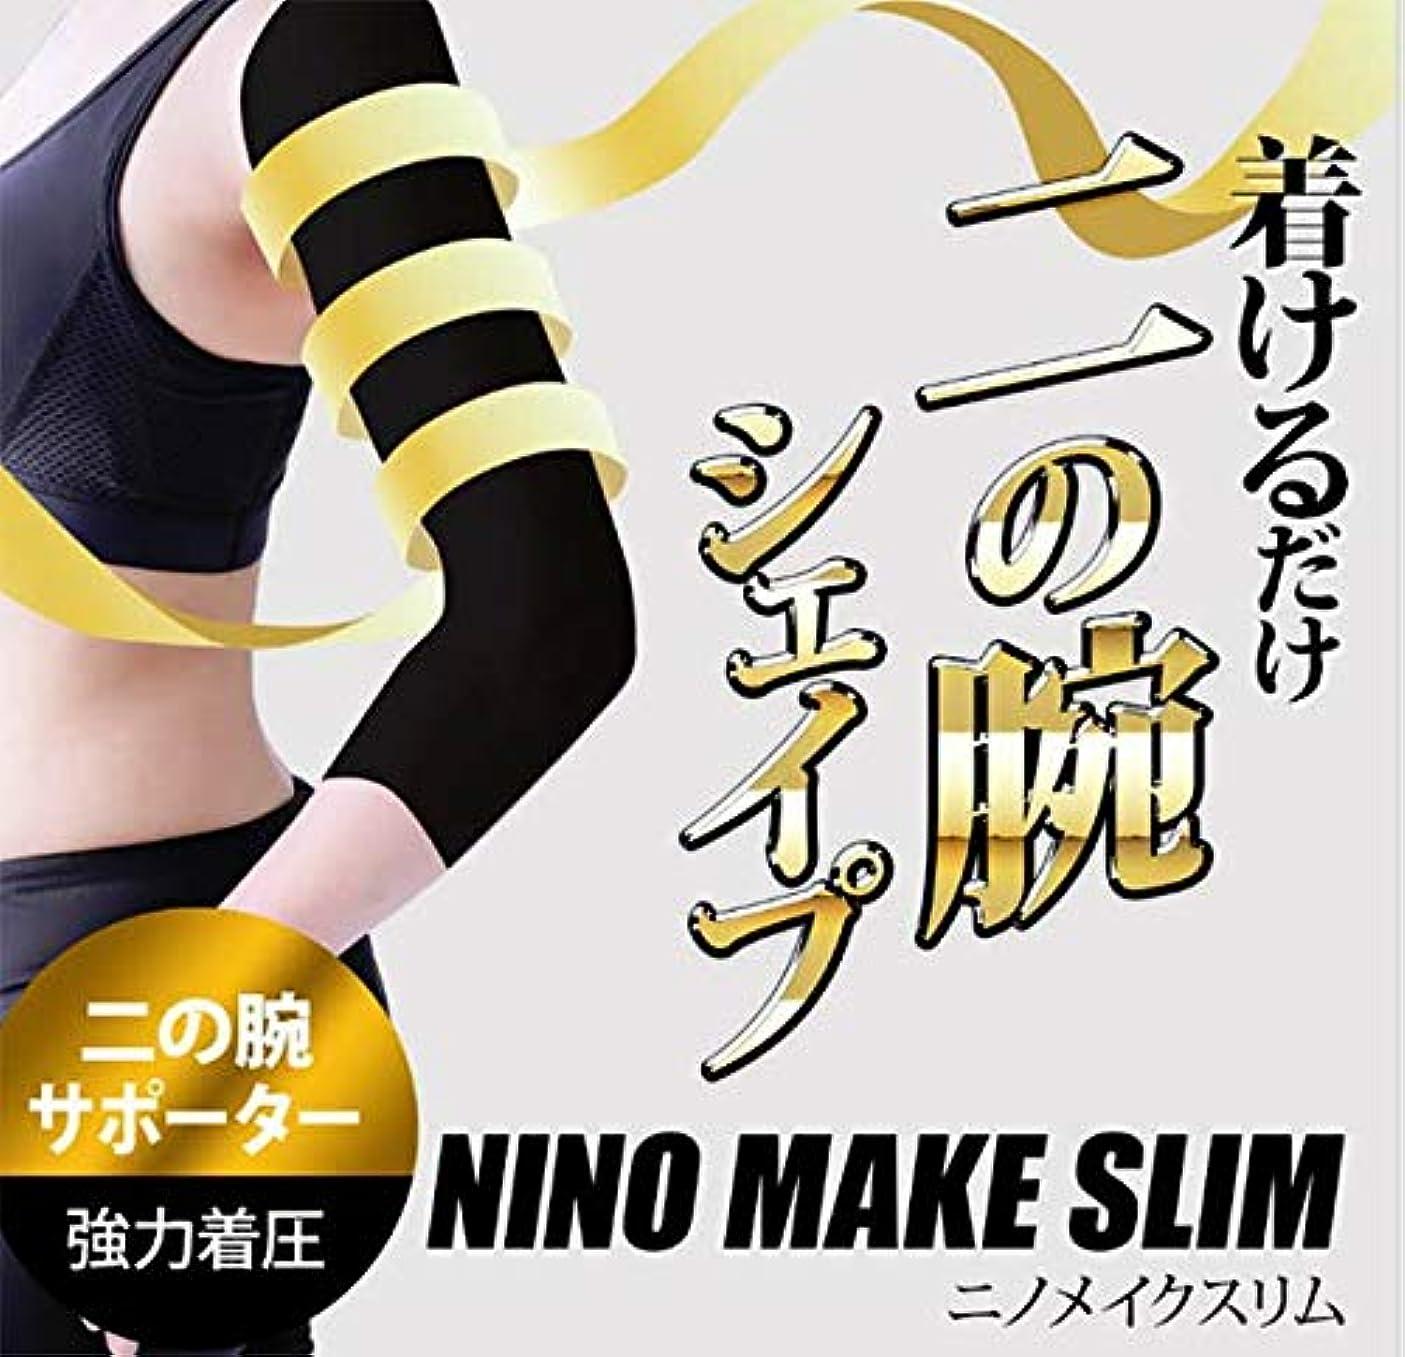 発掘人物貧困NINO MAKE SLIM(ニノメイクスリム)二の腕 着圧 インナー 猫背 肩甲骨 M~L